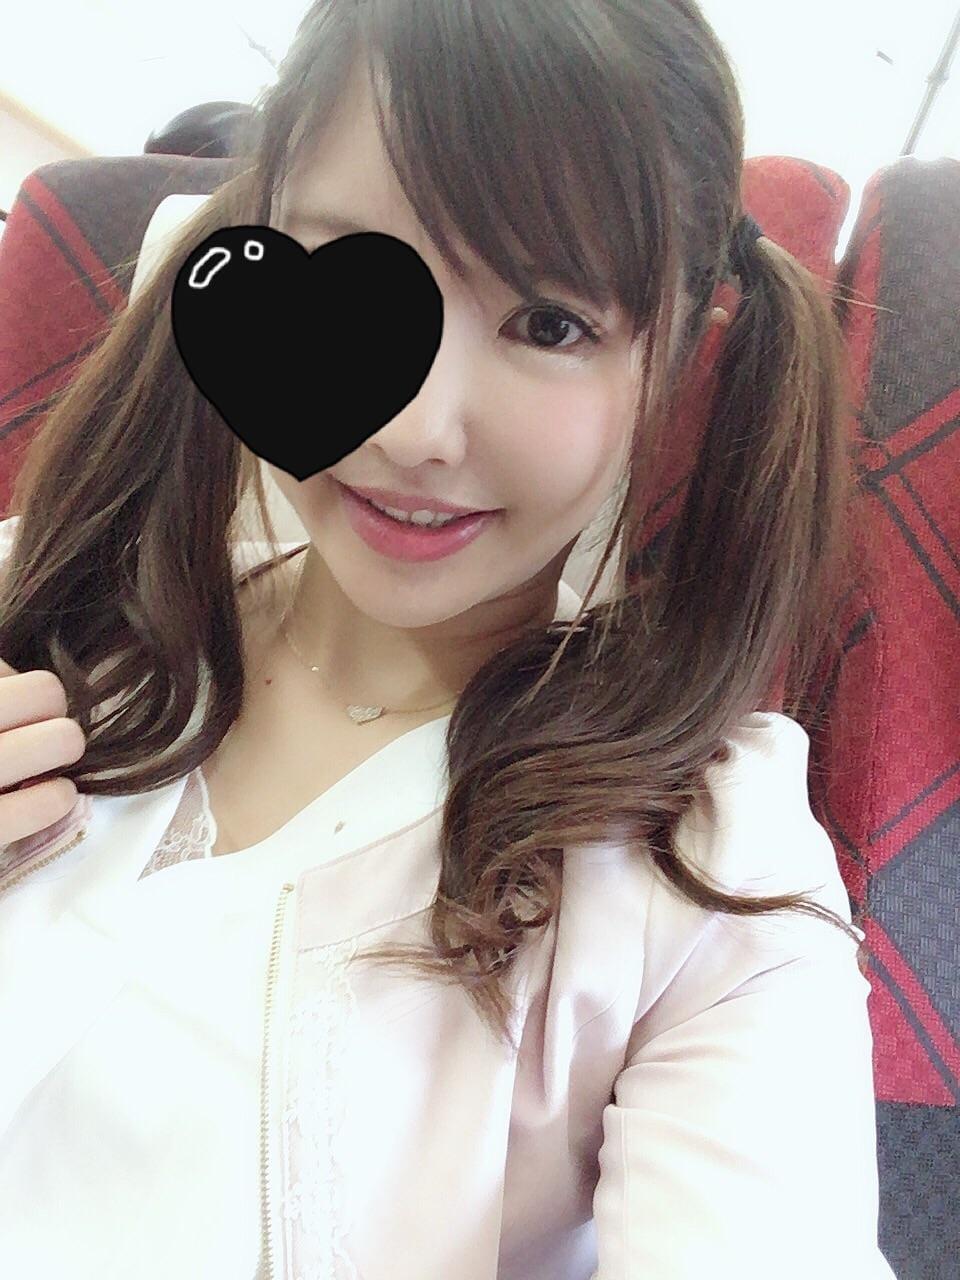 「金沢♡」05/21(月) 12:48 | みなみの写メ・風俗動画